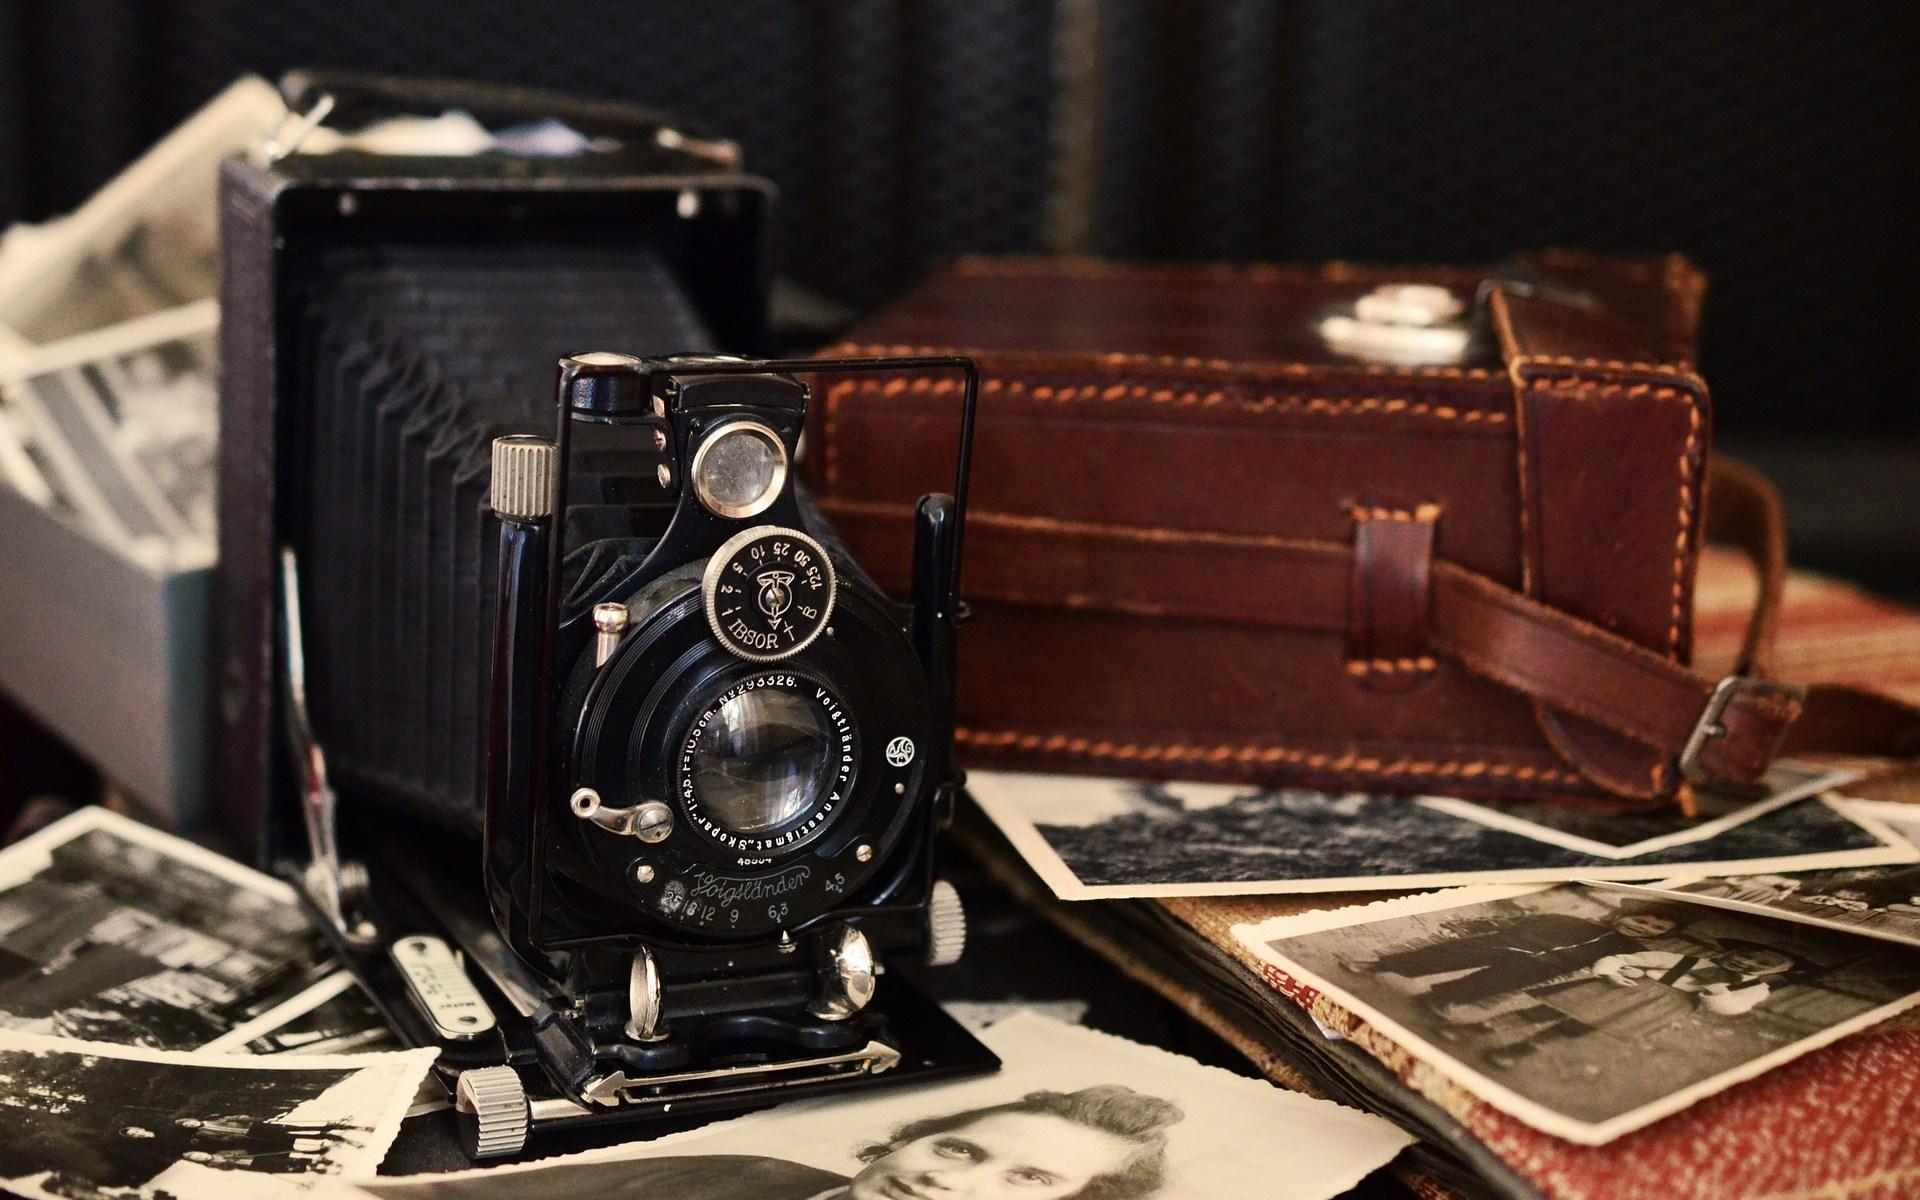 Camera stock photo from Pixabay